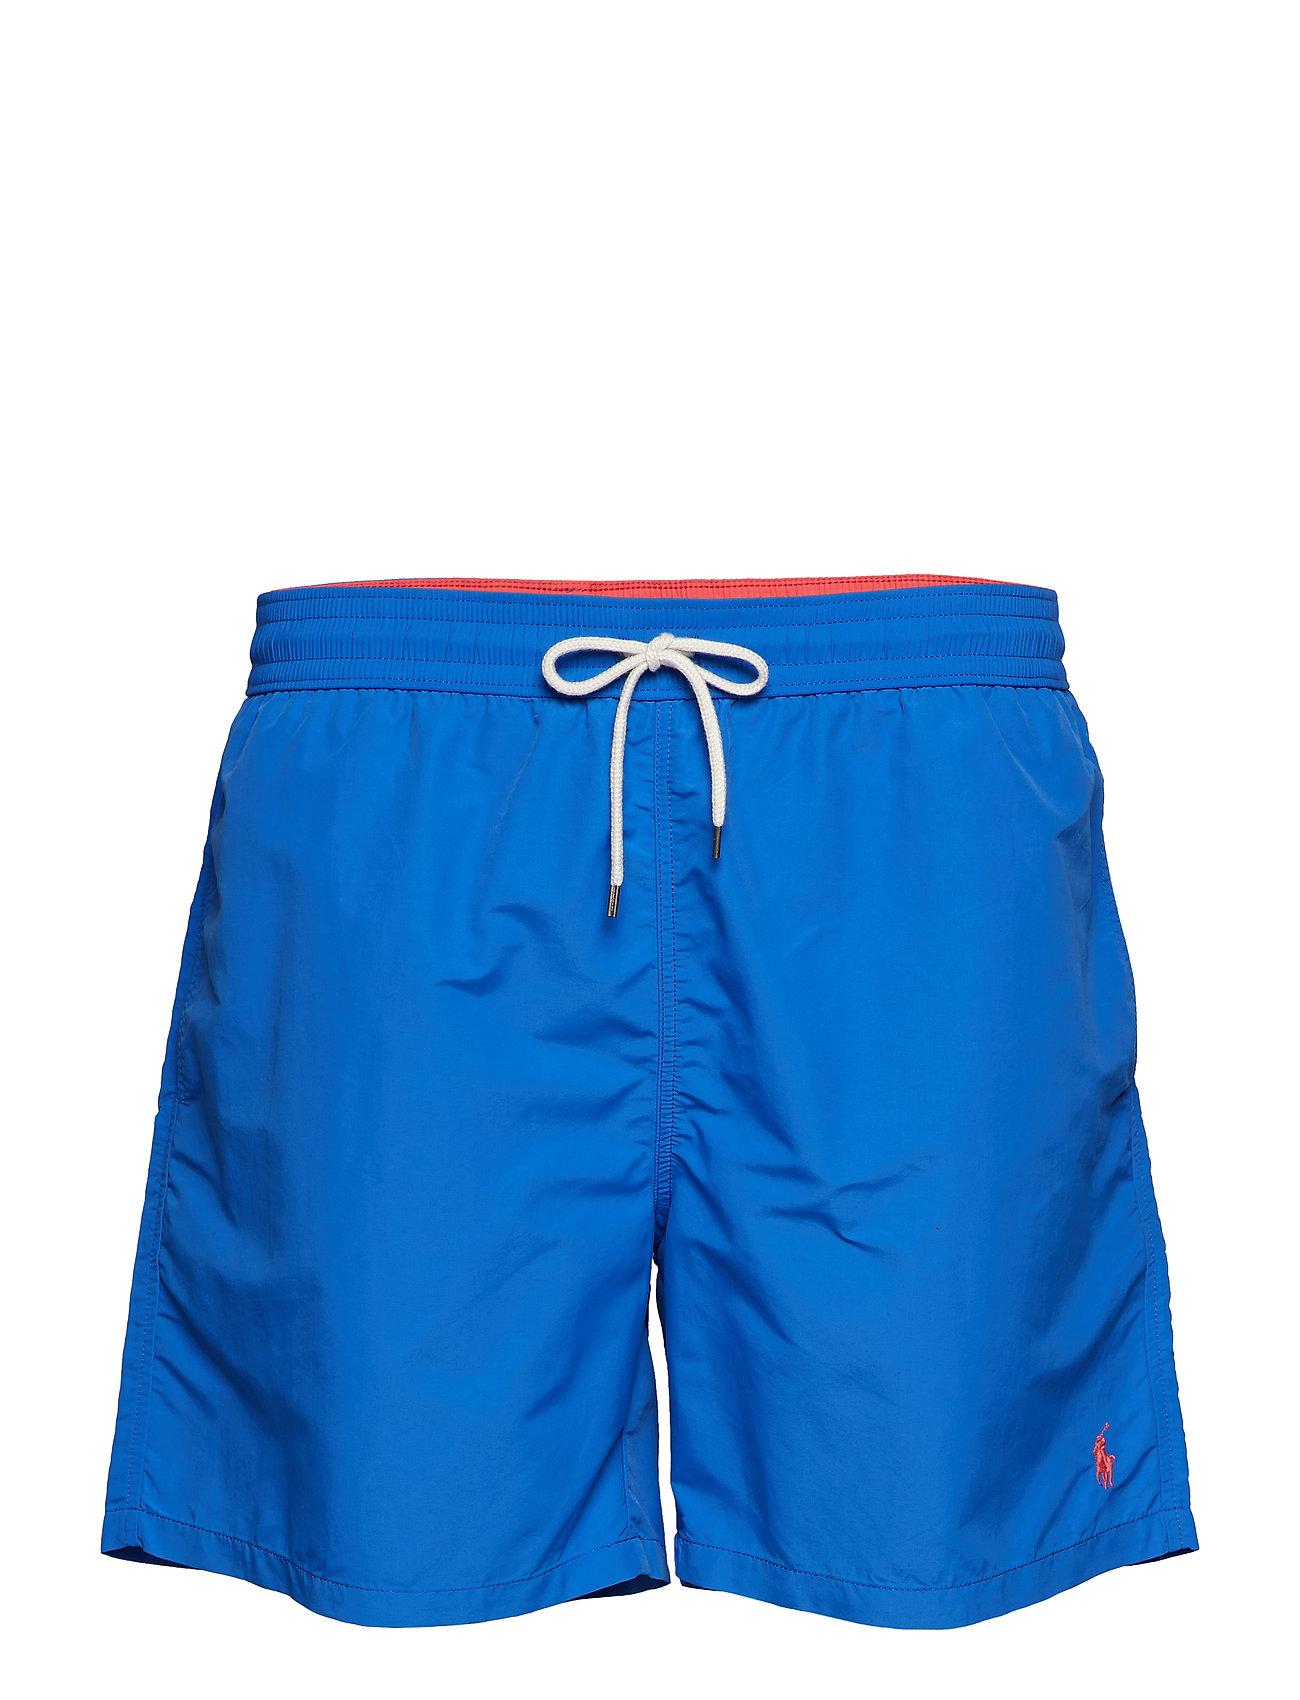 Polo Ralph Lauren Big & Tall Traveler Swim Trunk - NEW IRIS BLUE